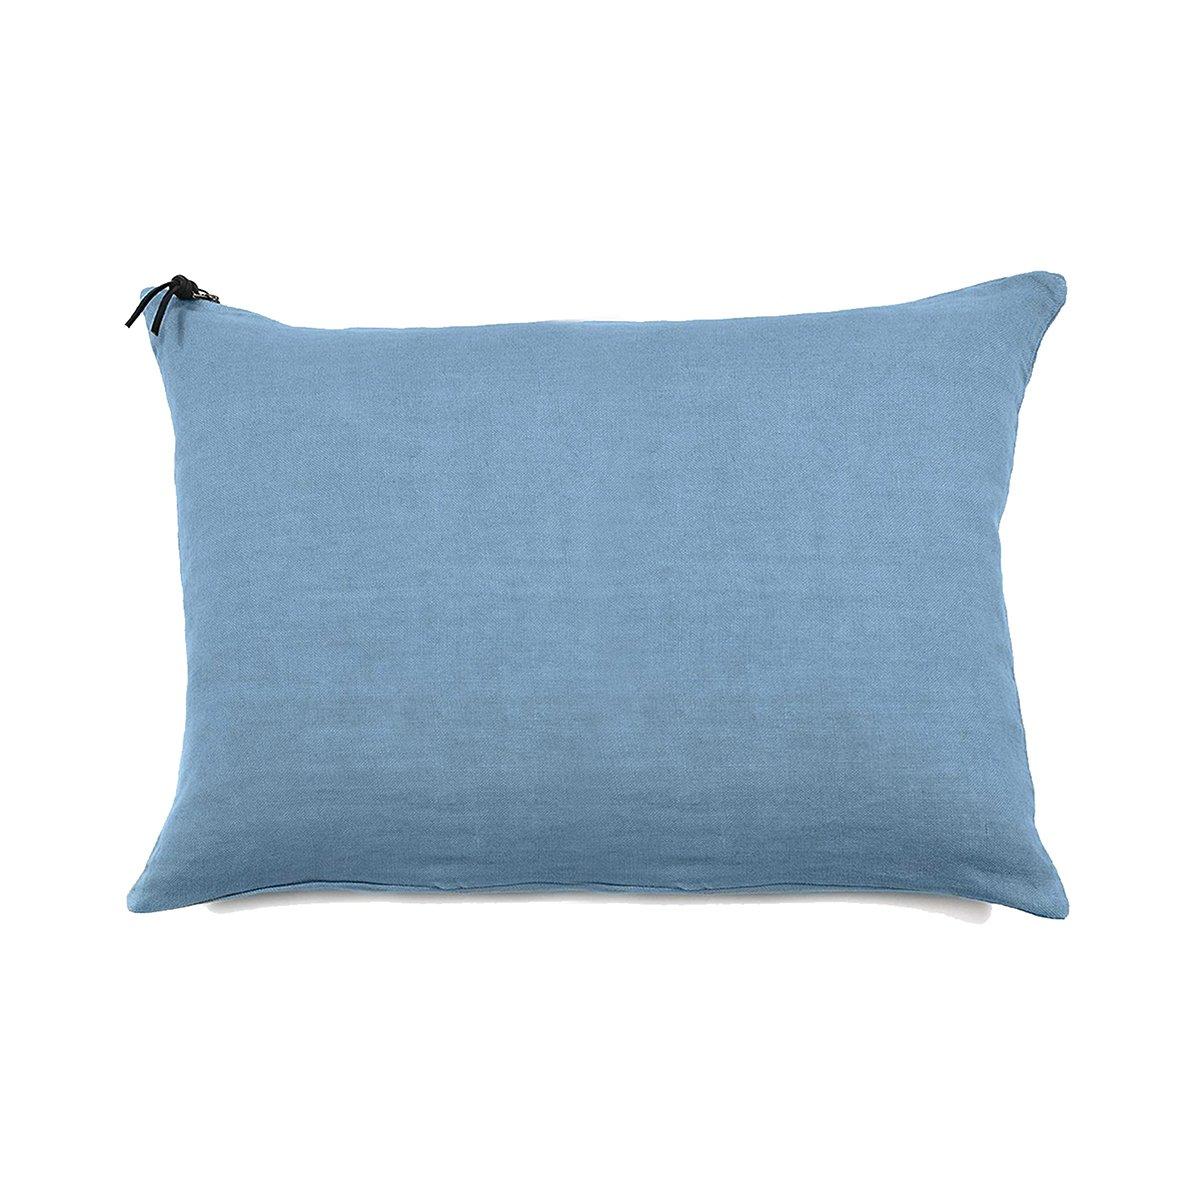 L'ESSENTIEL - Coussin Lin pur lavé Turquoise 50x70